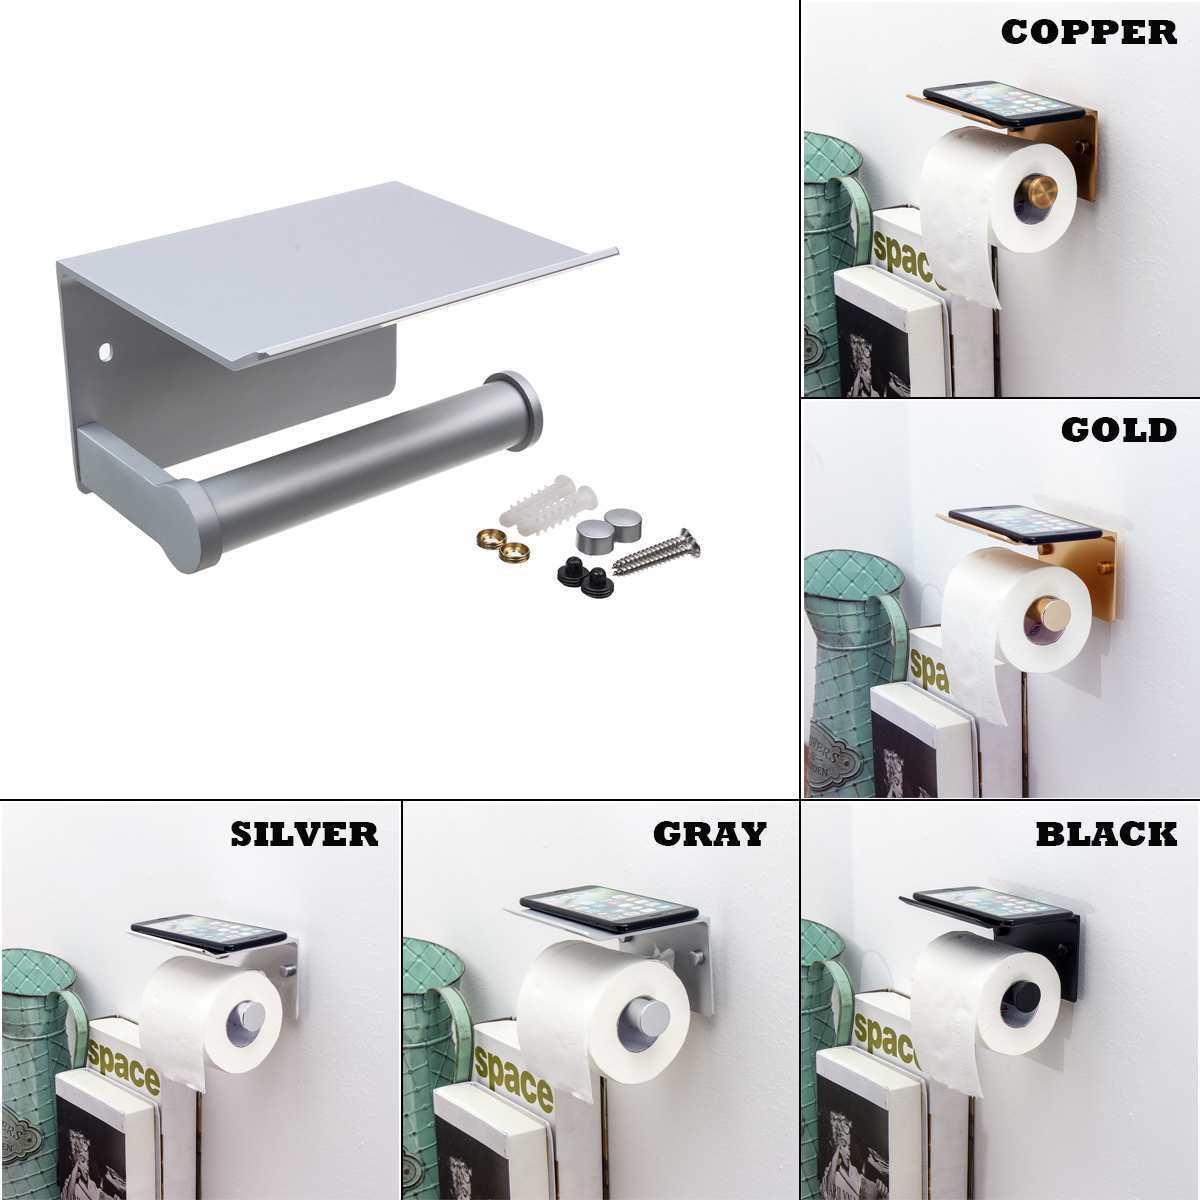 Raf Havluluk Siyah Y200506 ile Kağıt Tutucular Banyo Aksesuarları Tuvalet WC Kağıt Tutucu Cep Telefonu Rulo Tutucu